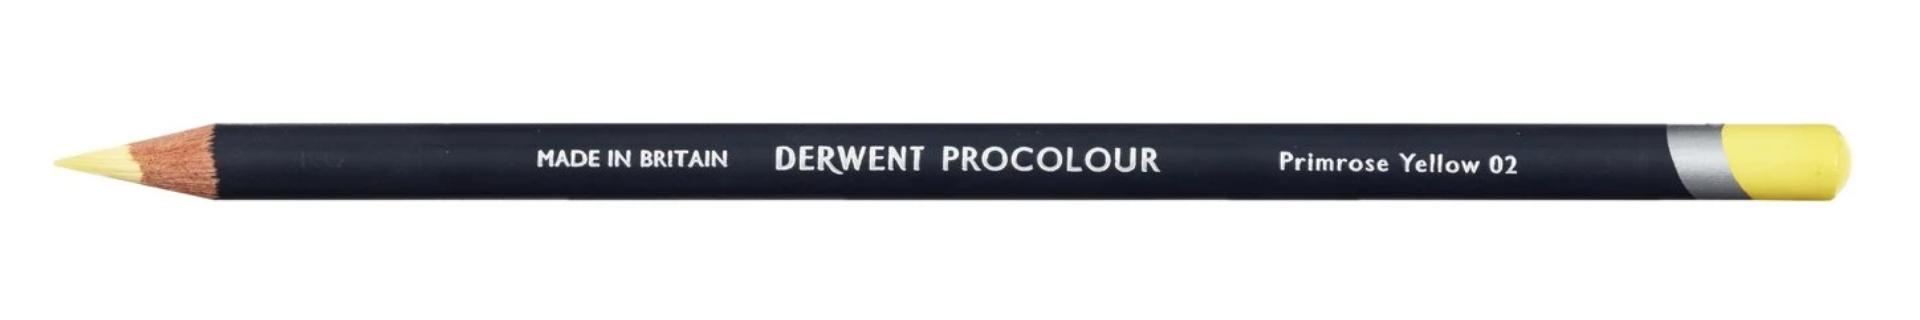 Derwent Procolour